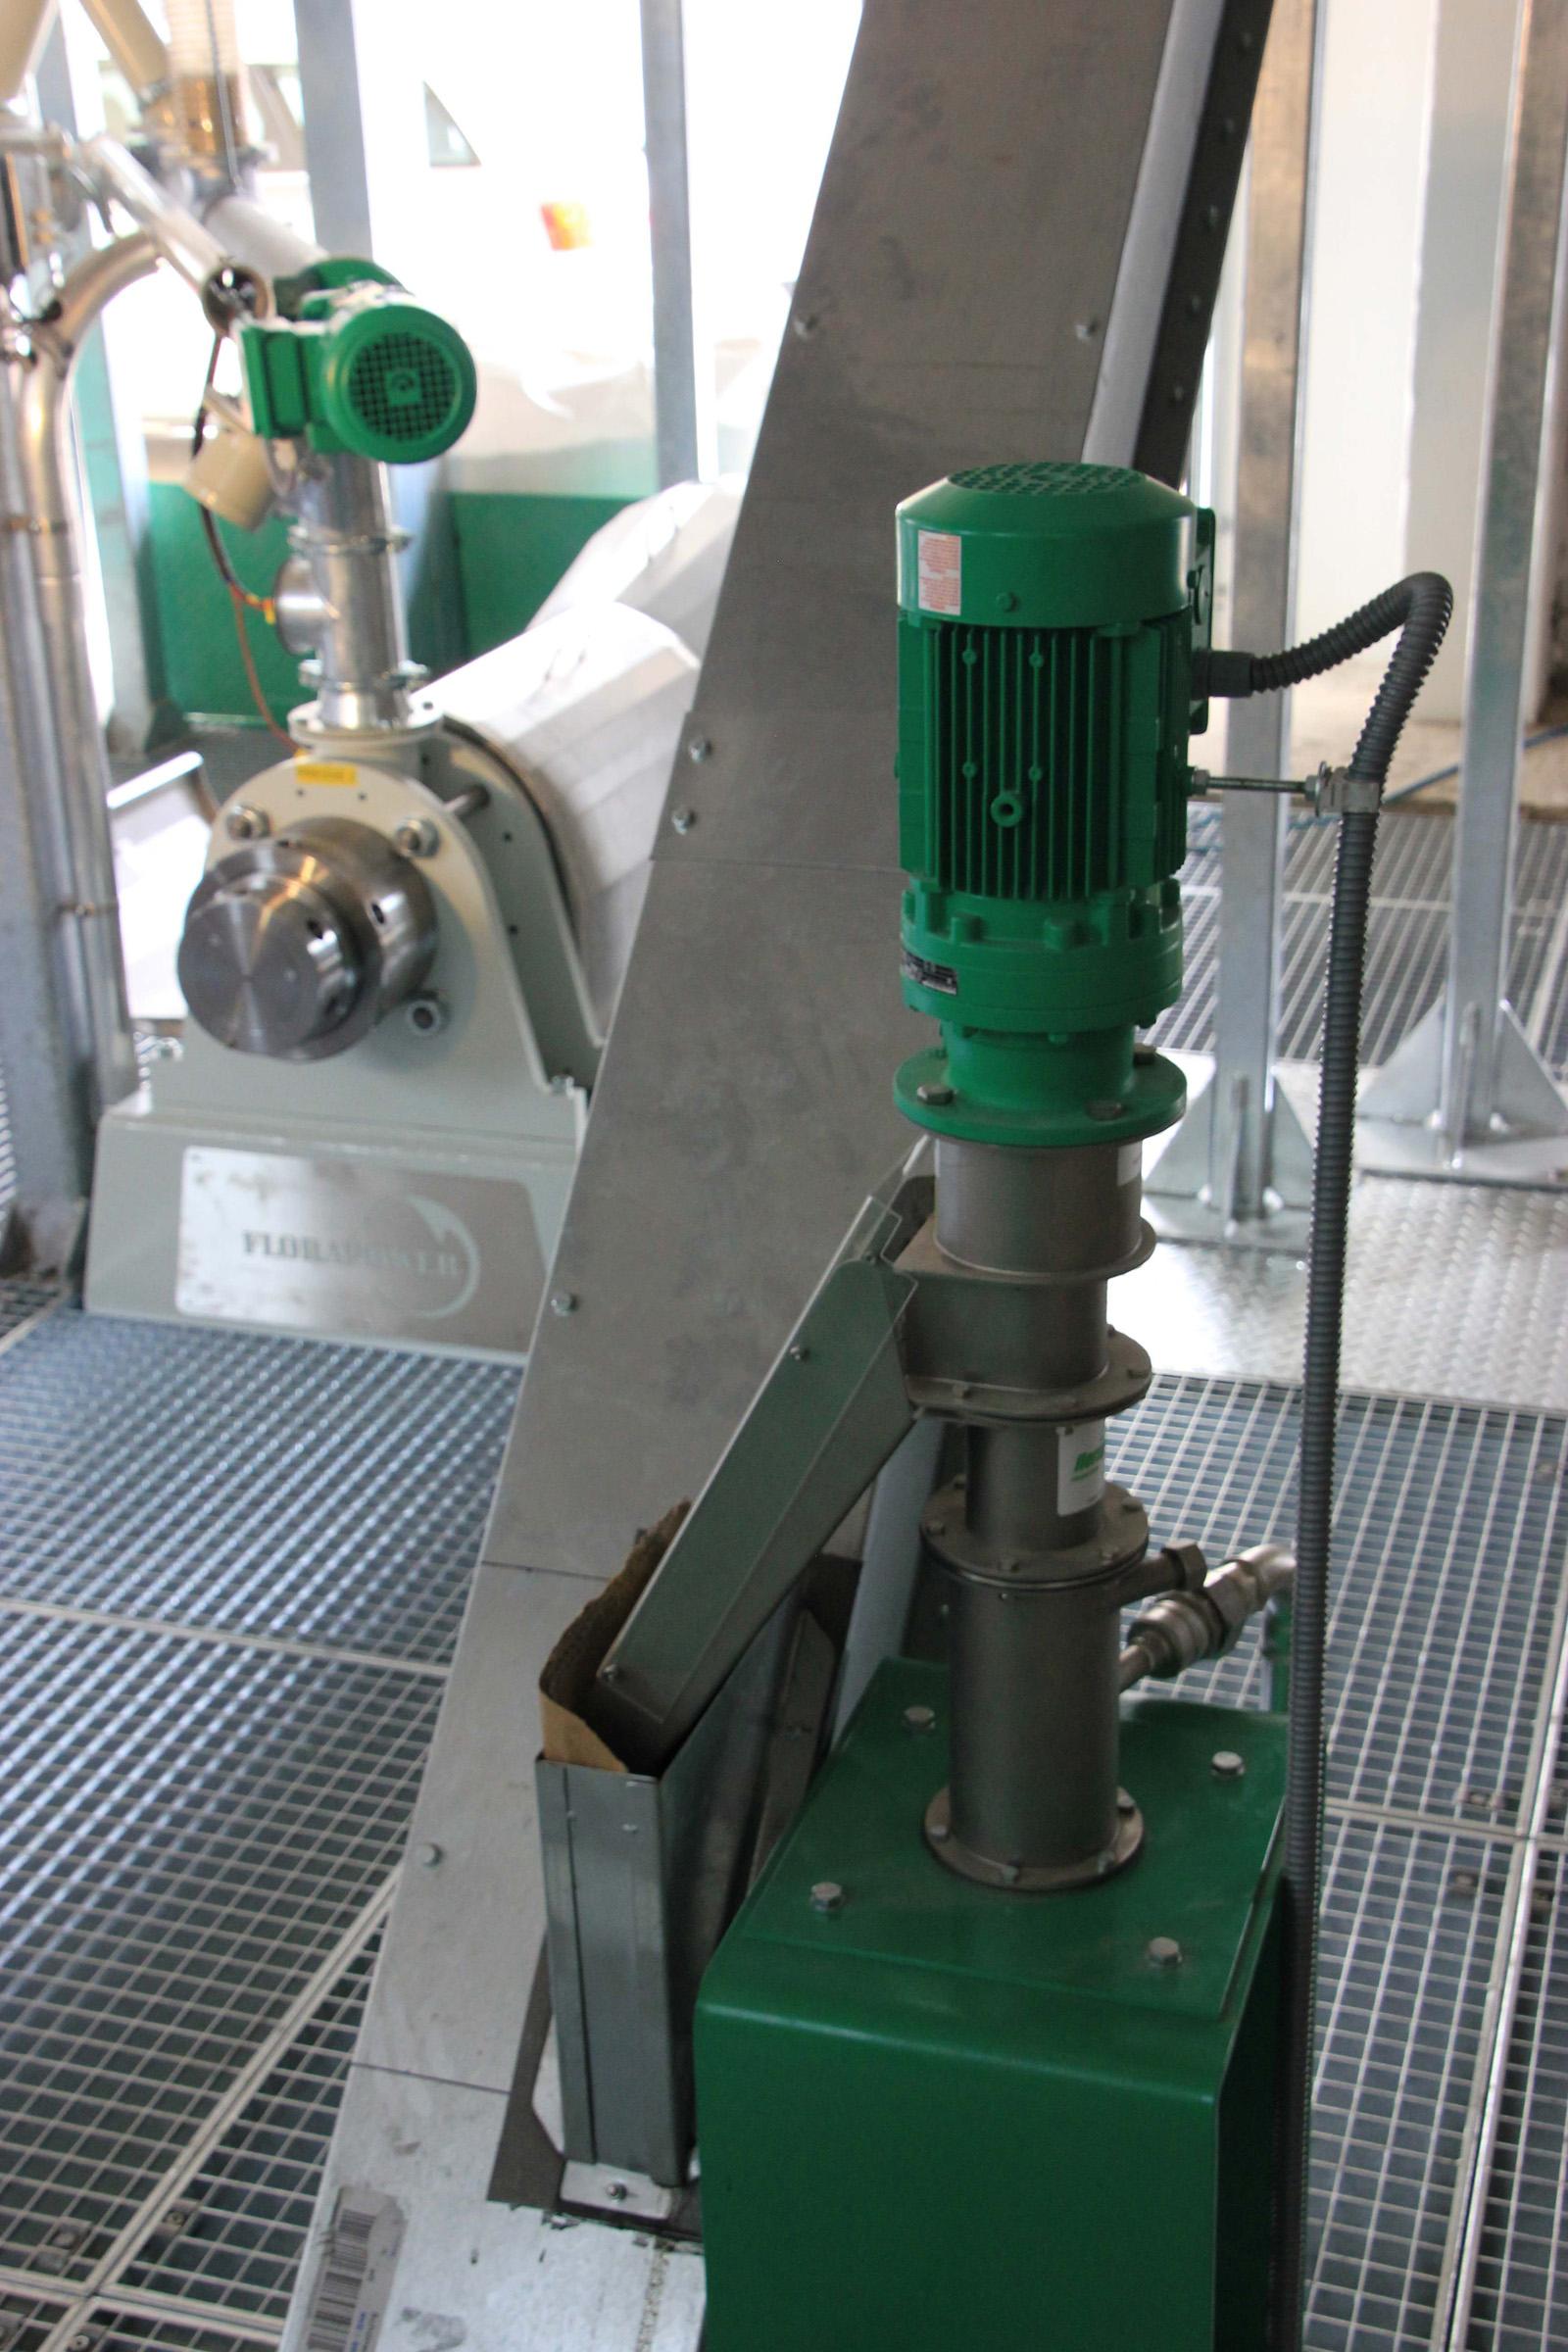 Filtru grosier, filtrarea uleiului vegetal. Calitate germana